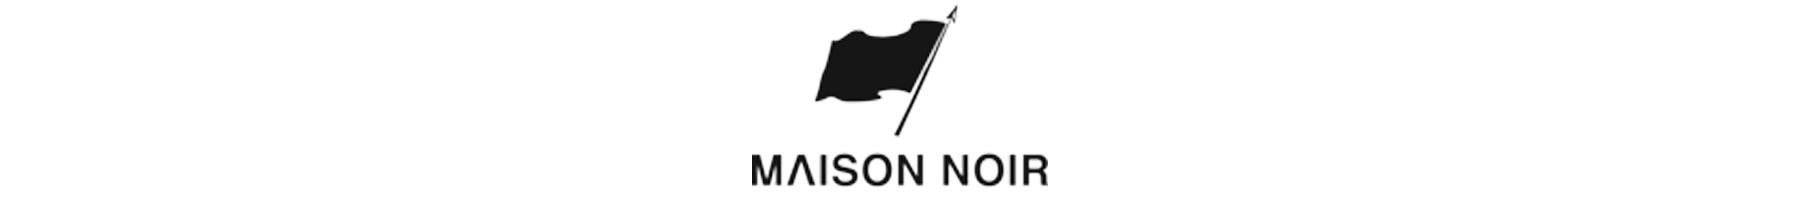 DrJays.com - Mason Noir